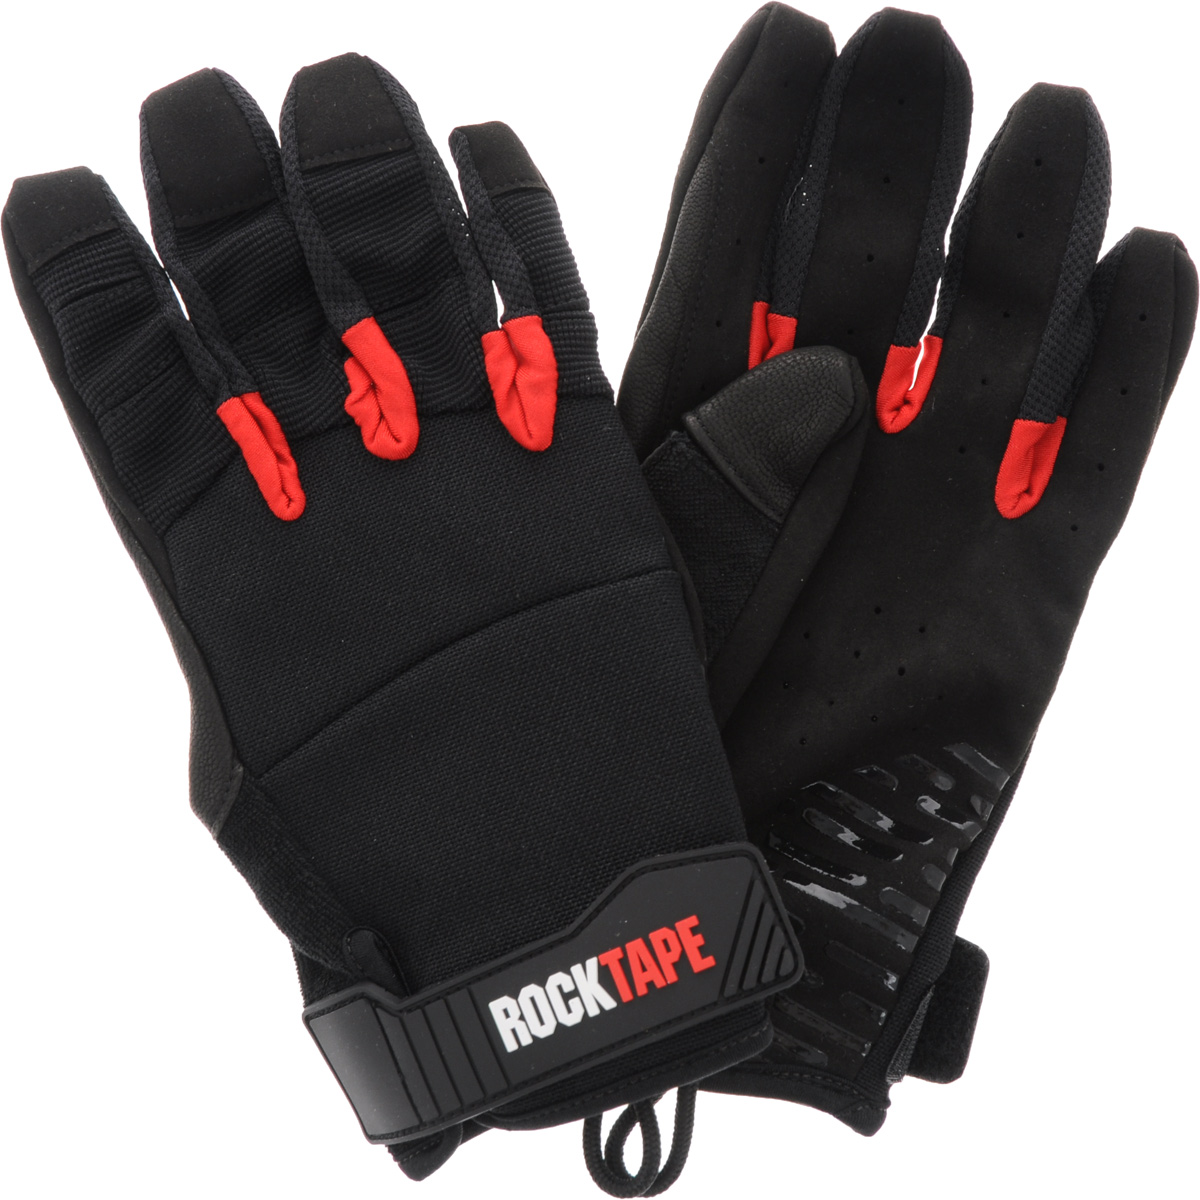 Перчатки Rocktape Talons, цвет: черный, красный. Размер MN.RG.E5.619.MDRocktape Talons - это функциональные перчатки для спорта. Руль велосипеда, турник, штанга - за что бы вы ни взялись, перчатки обеспечат максимальную защиту и поддержку! Уверенный хват и больше никаких стертых рук, волдырей и мозолей!Особенности перчаток:Дружелюбны к сенсорным экранам.Без швов на ладонях.Силиконовая накладка false-grip поможет в выходах силой.Защита большого пальца при захвате штанги.Впитывают пот.Дышащий материал по боковым поверхностям пальцев.Удобные петли.Рассчитаны на работу с мелом.Обхват ладони ниже костяшки: 20 см.